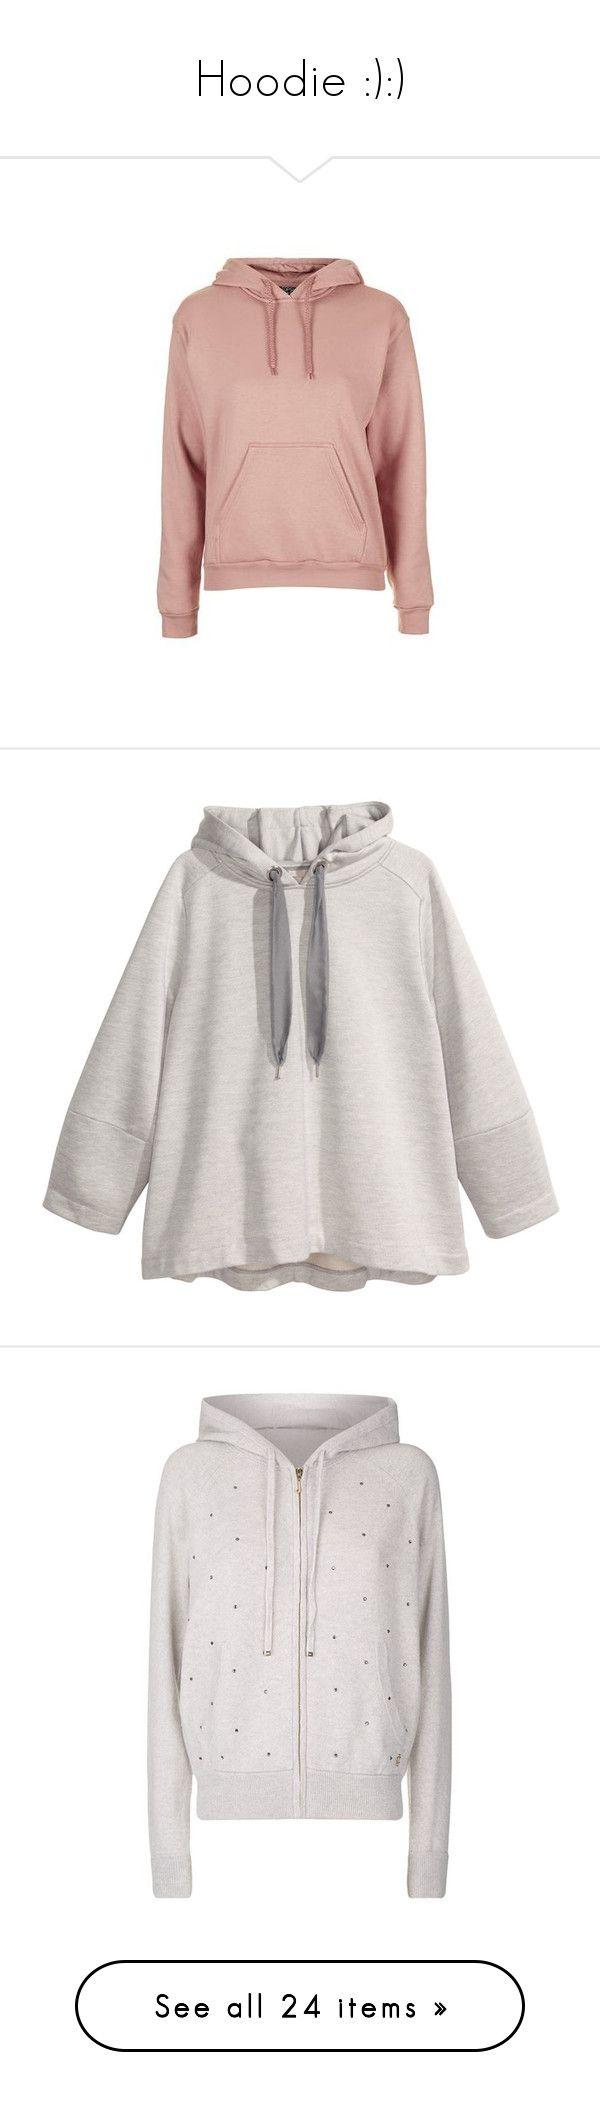 Best 25  Petite hoodies ideas on Pinterest | Pink hoodies, Sports ...